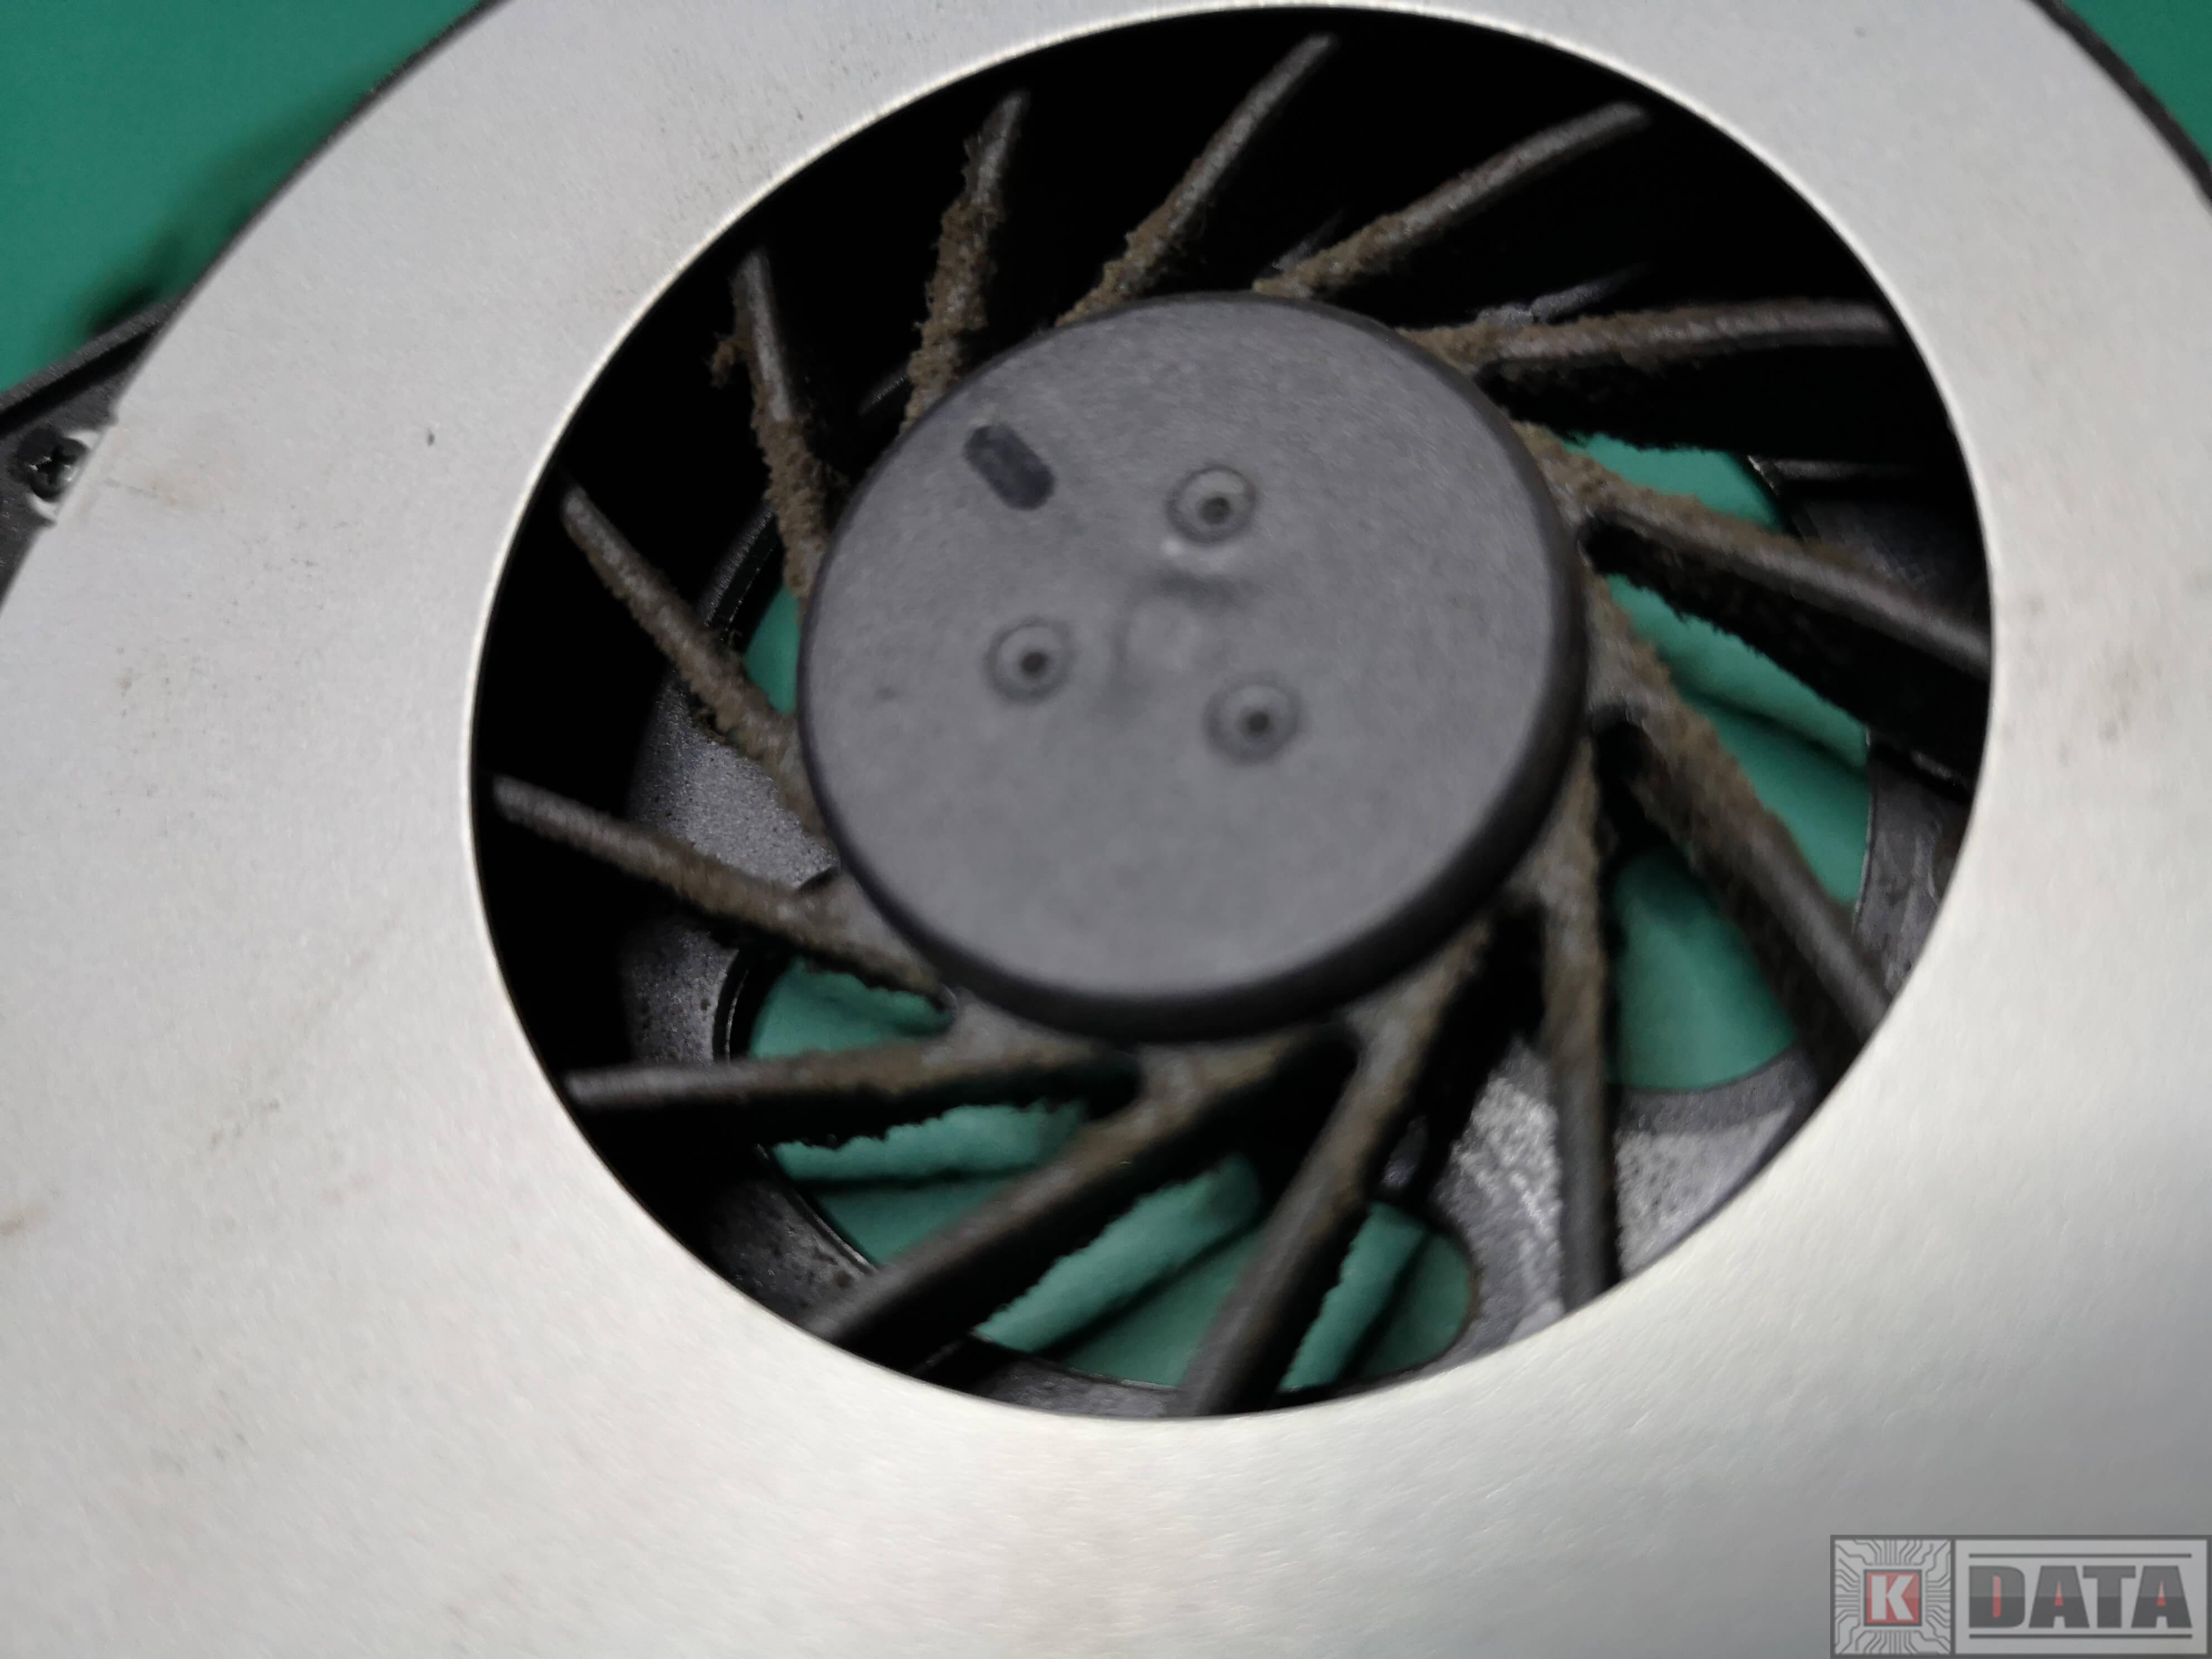 ASUS K52JC zabrudzony wentylator zbliżenie